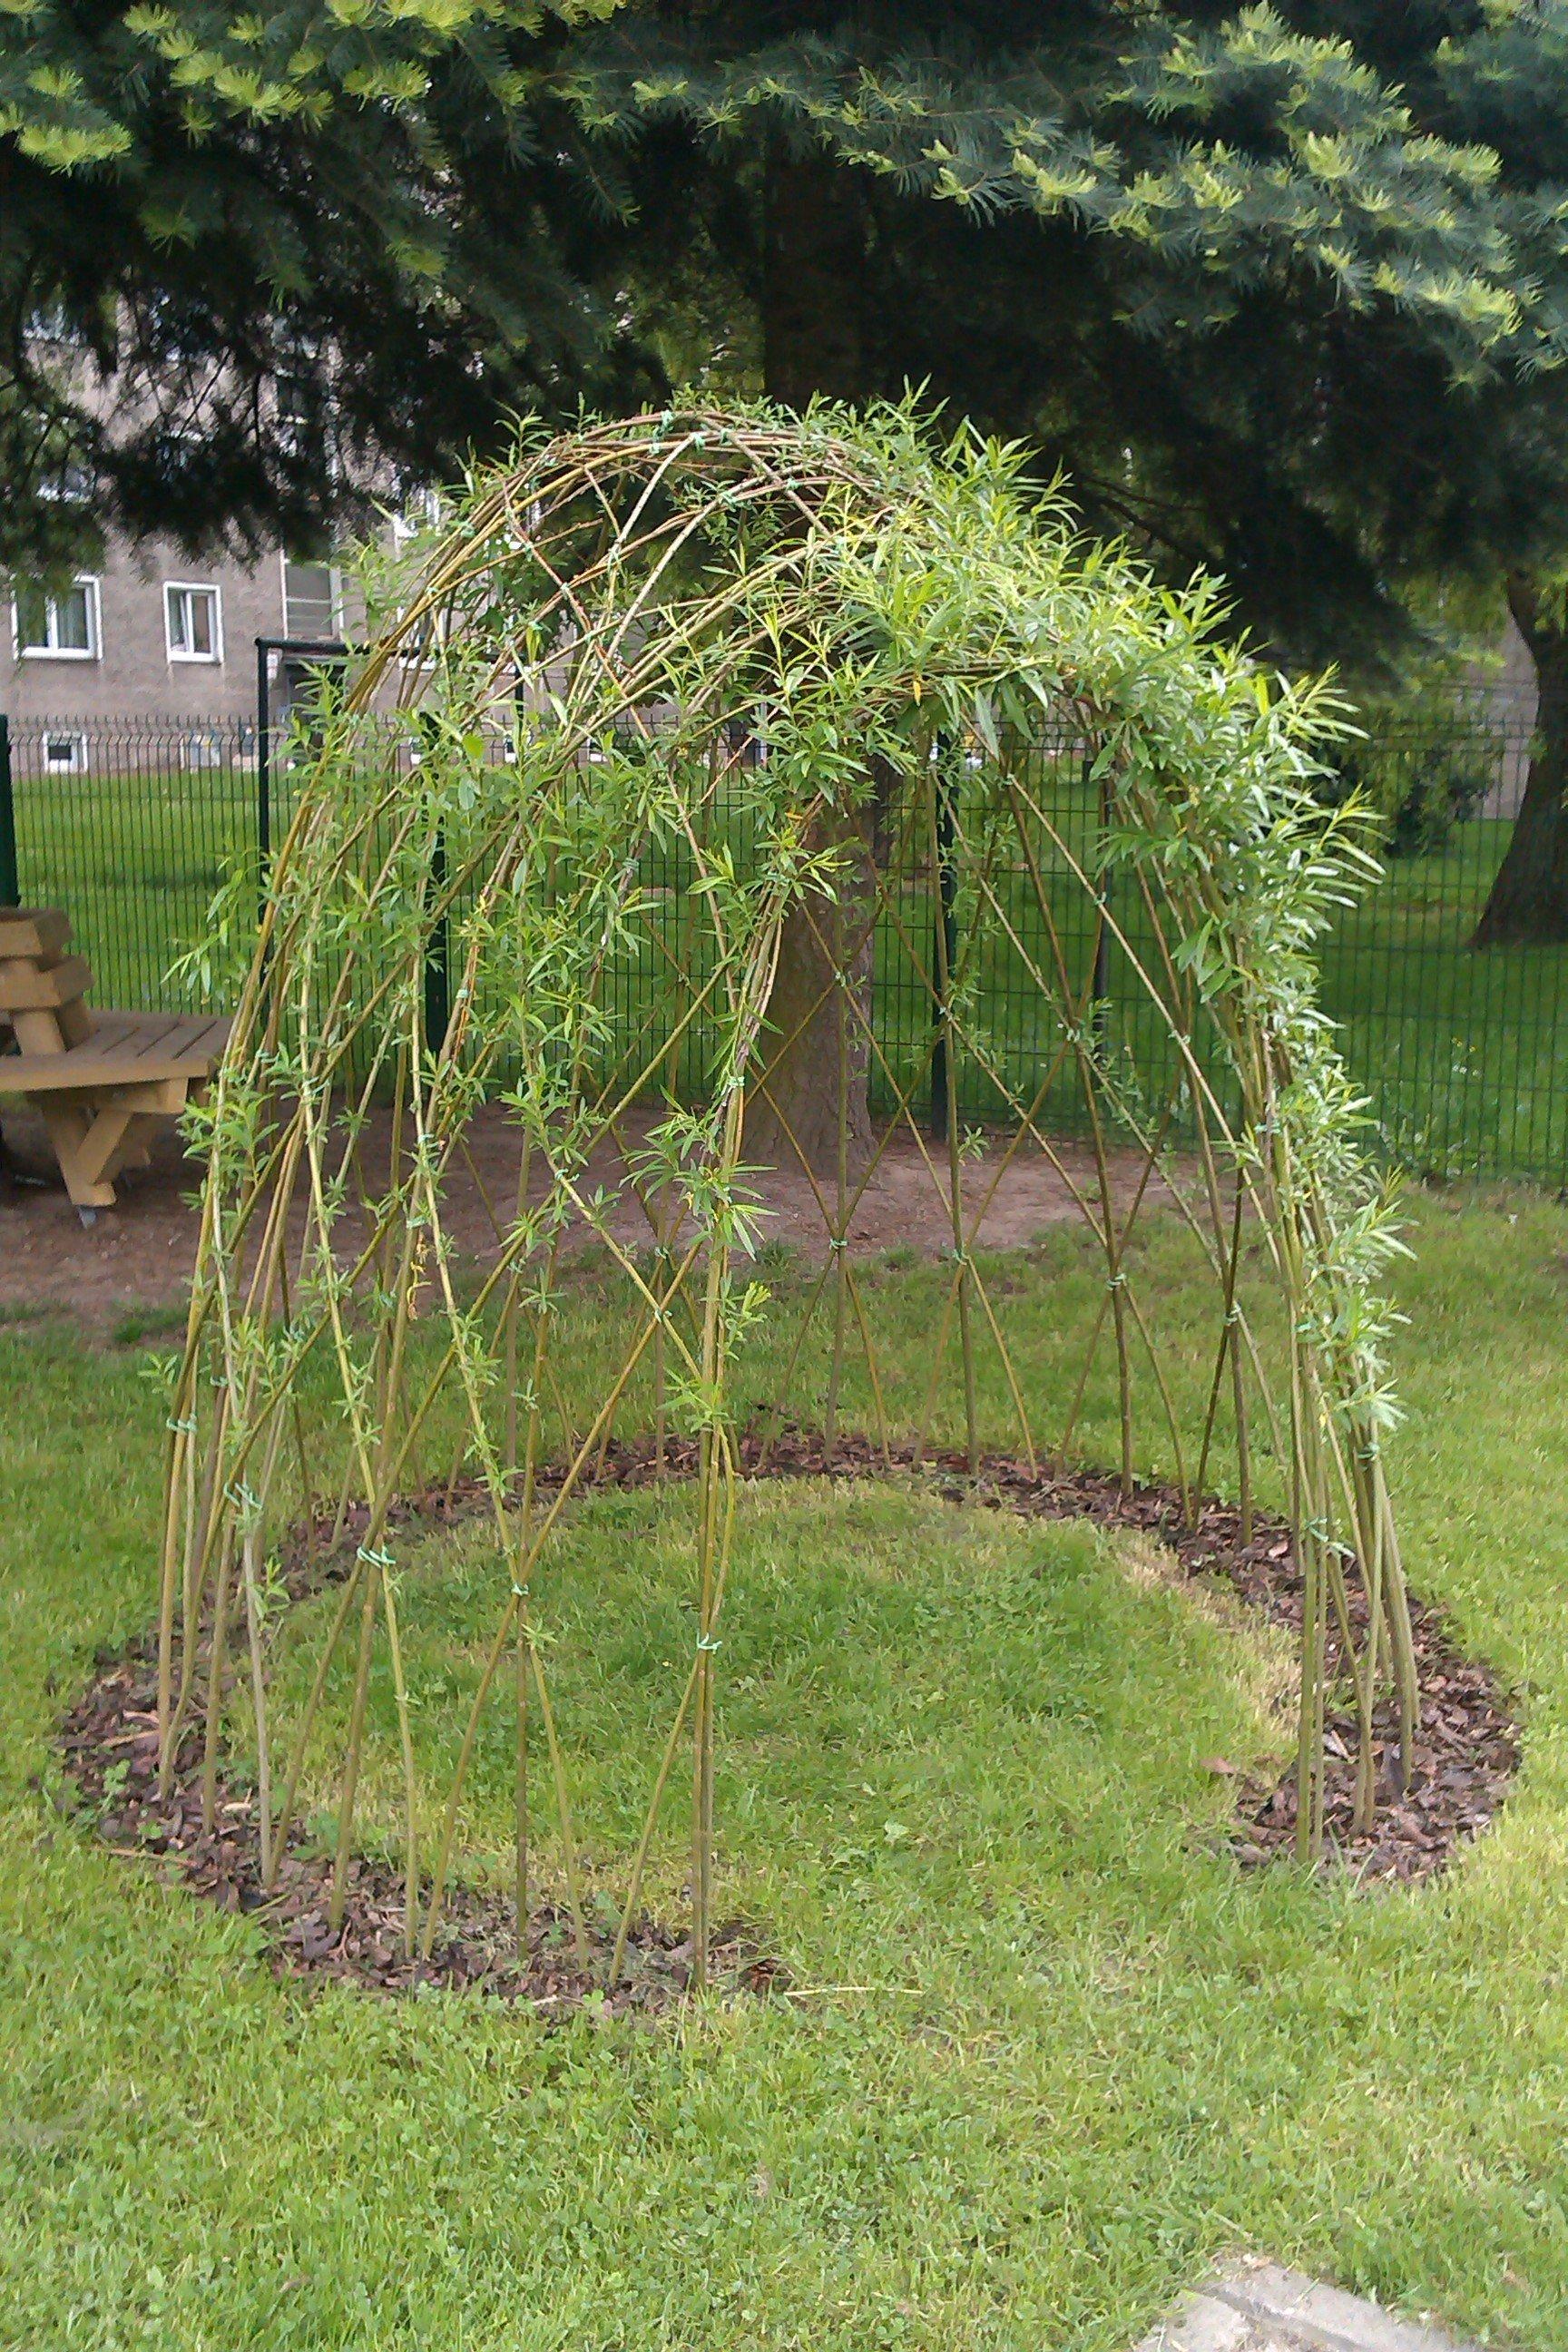 K tomu, aby i na vaší zahradě stála živávrbová stavba, potřebujete proutí a šikovné ruce. A nebo oslovte naší firmu